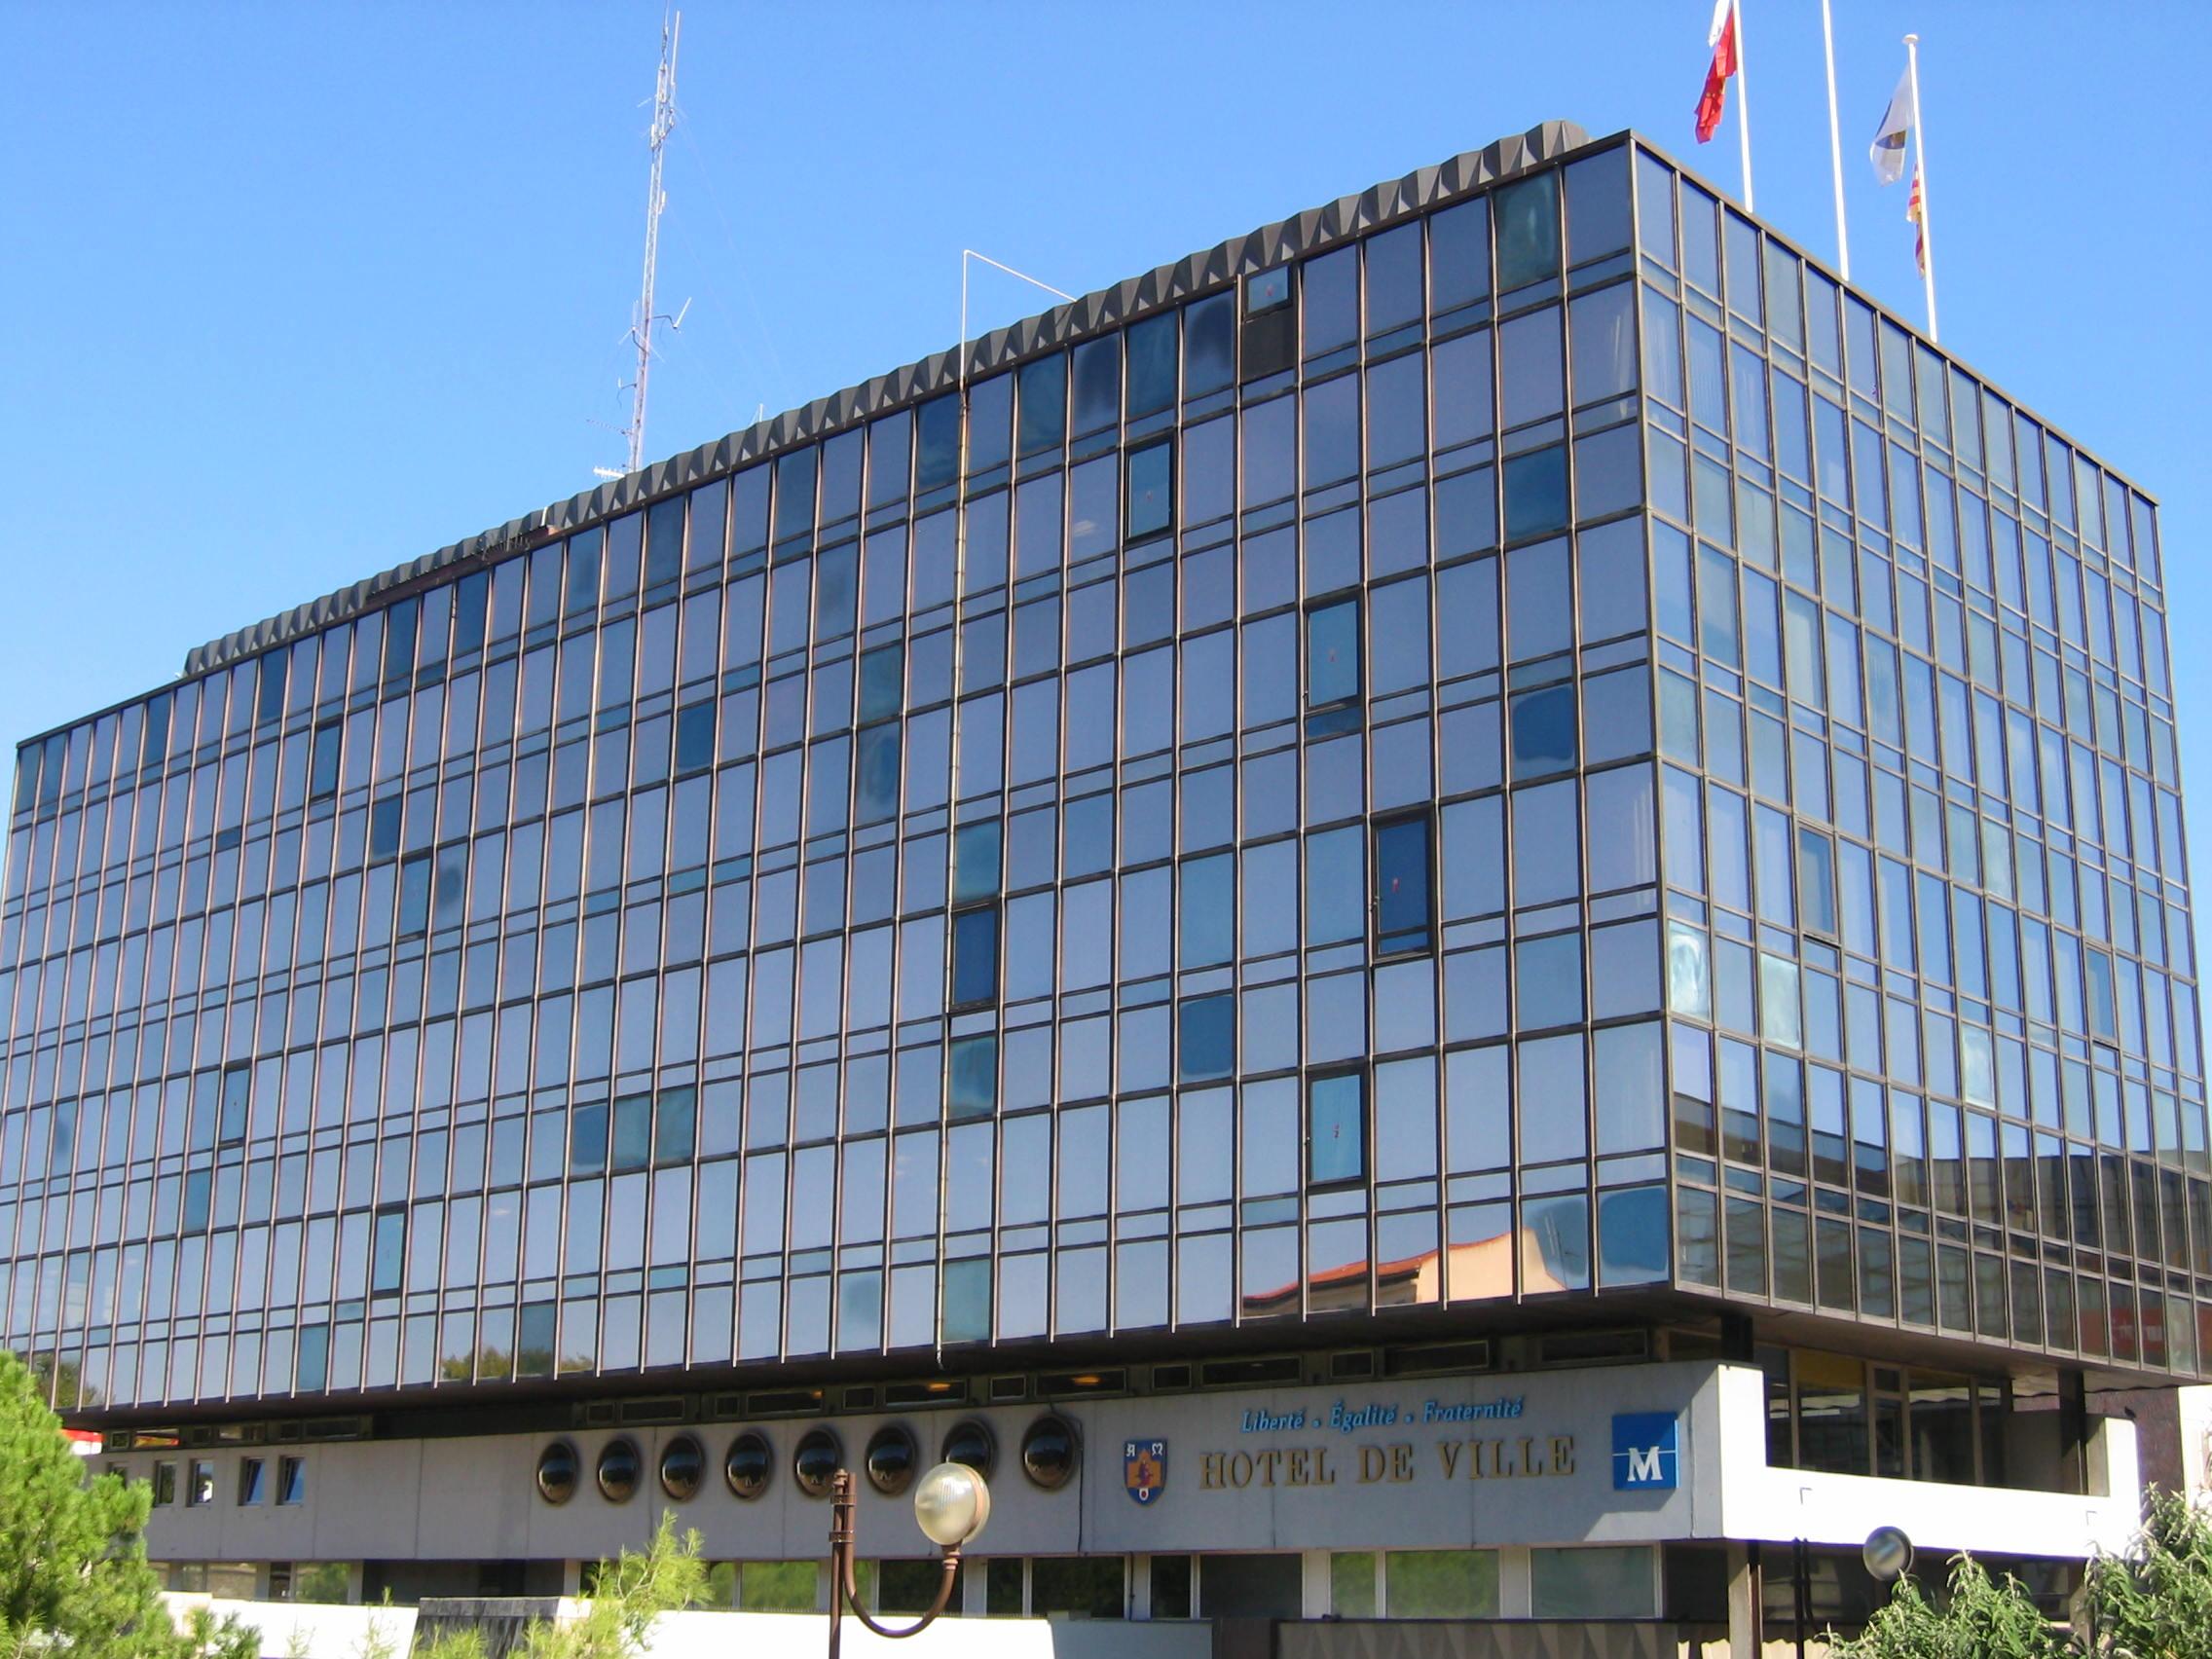 http://upload.wikimedia.org/wikipedia/commons/9/90/Montpellier_Mairie.JPG